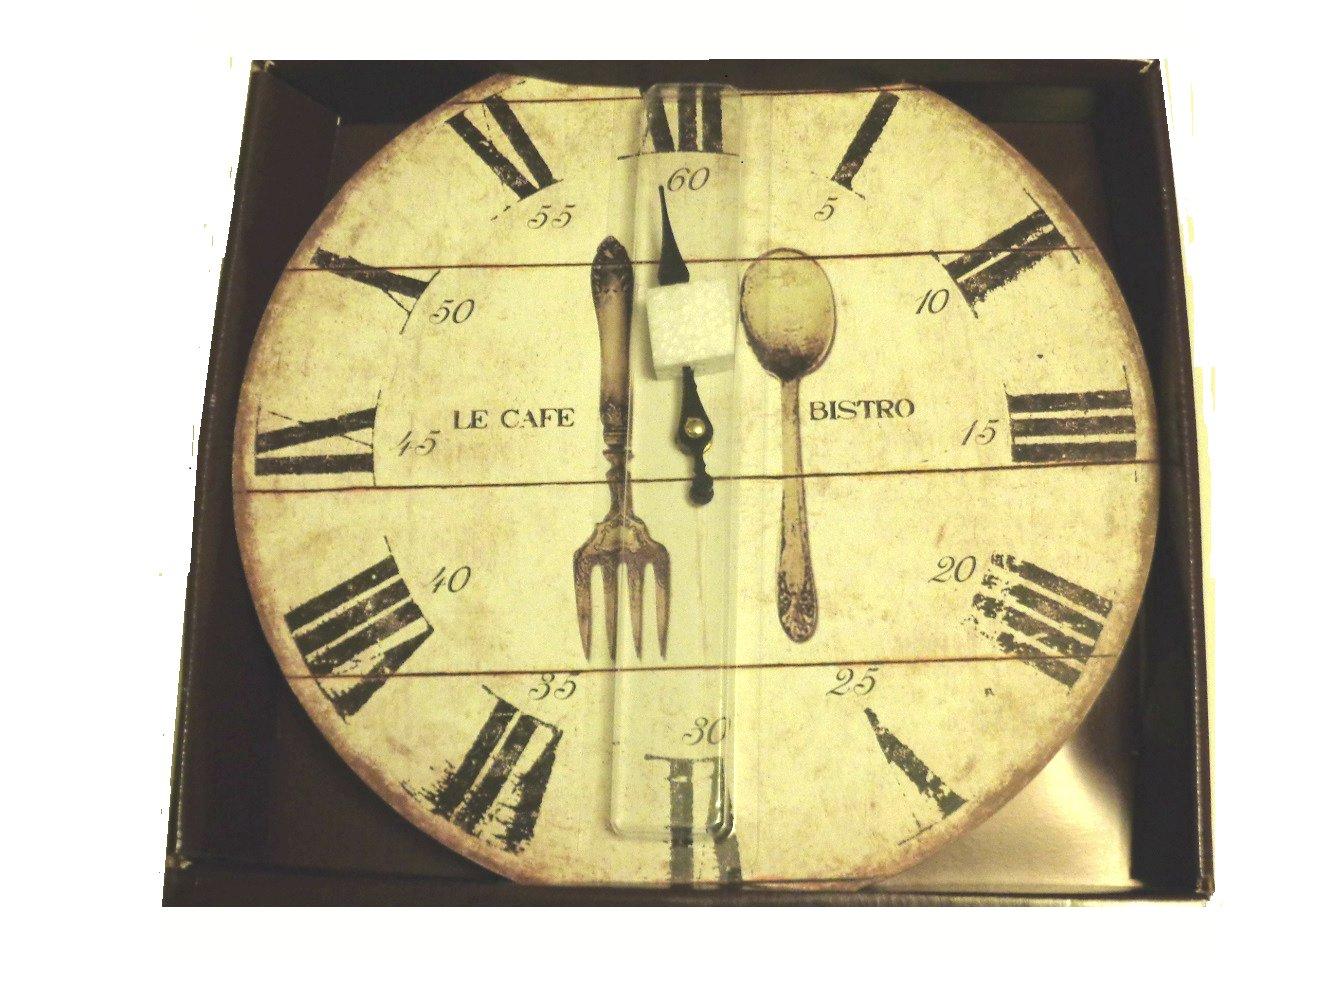 Fork Spoon Utensils Bistro Kitchen Wall Clock